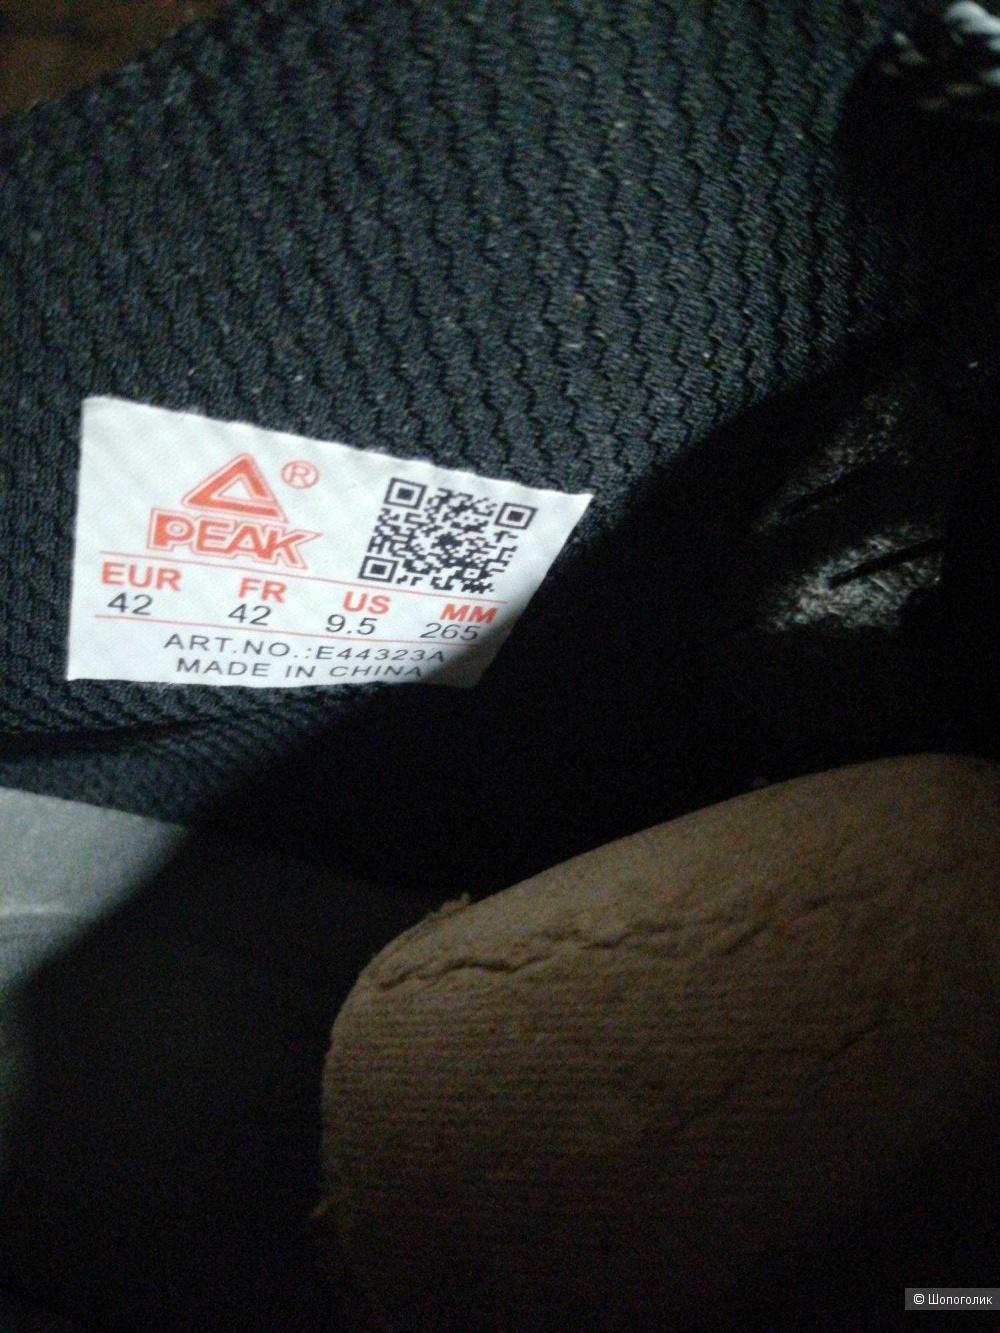 Peak Tony Parker 2 баскетбольные кроссовки US 9.5, 265 мм